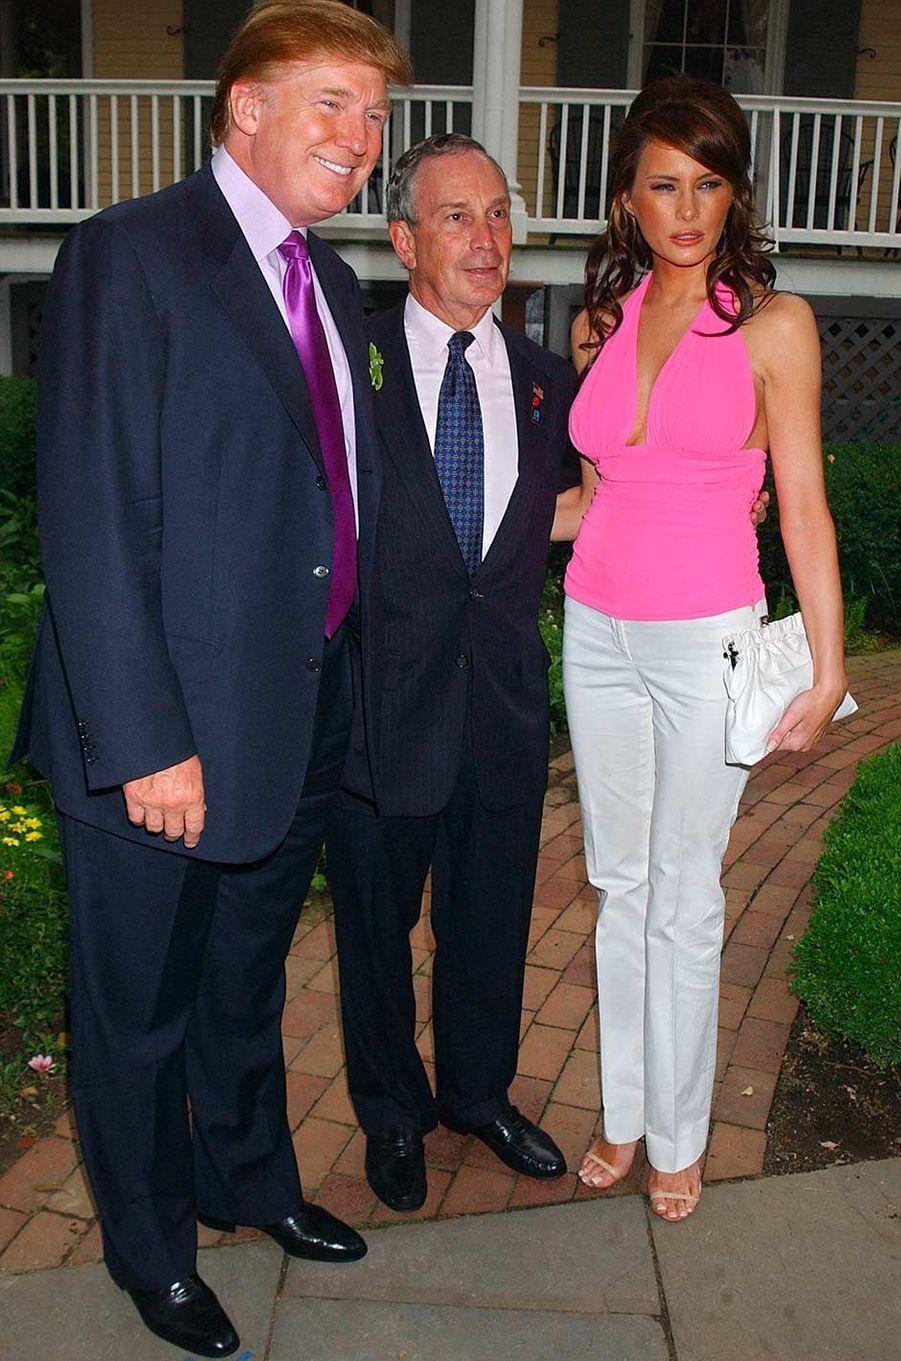 Donald Trump, Michael Bloomberg et Melania Knauss lors d'une réception organisée à l'occasion du passage de la torche olympique à New York, en juin 2004.